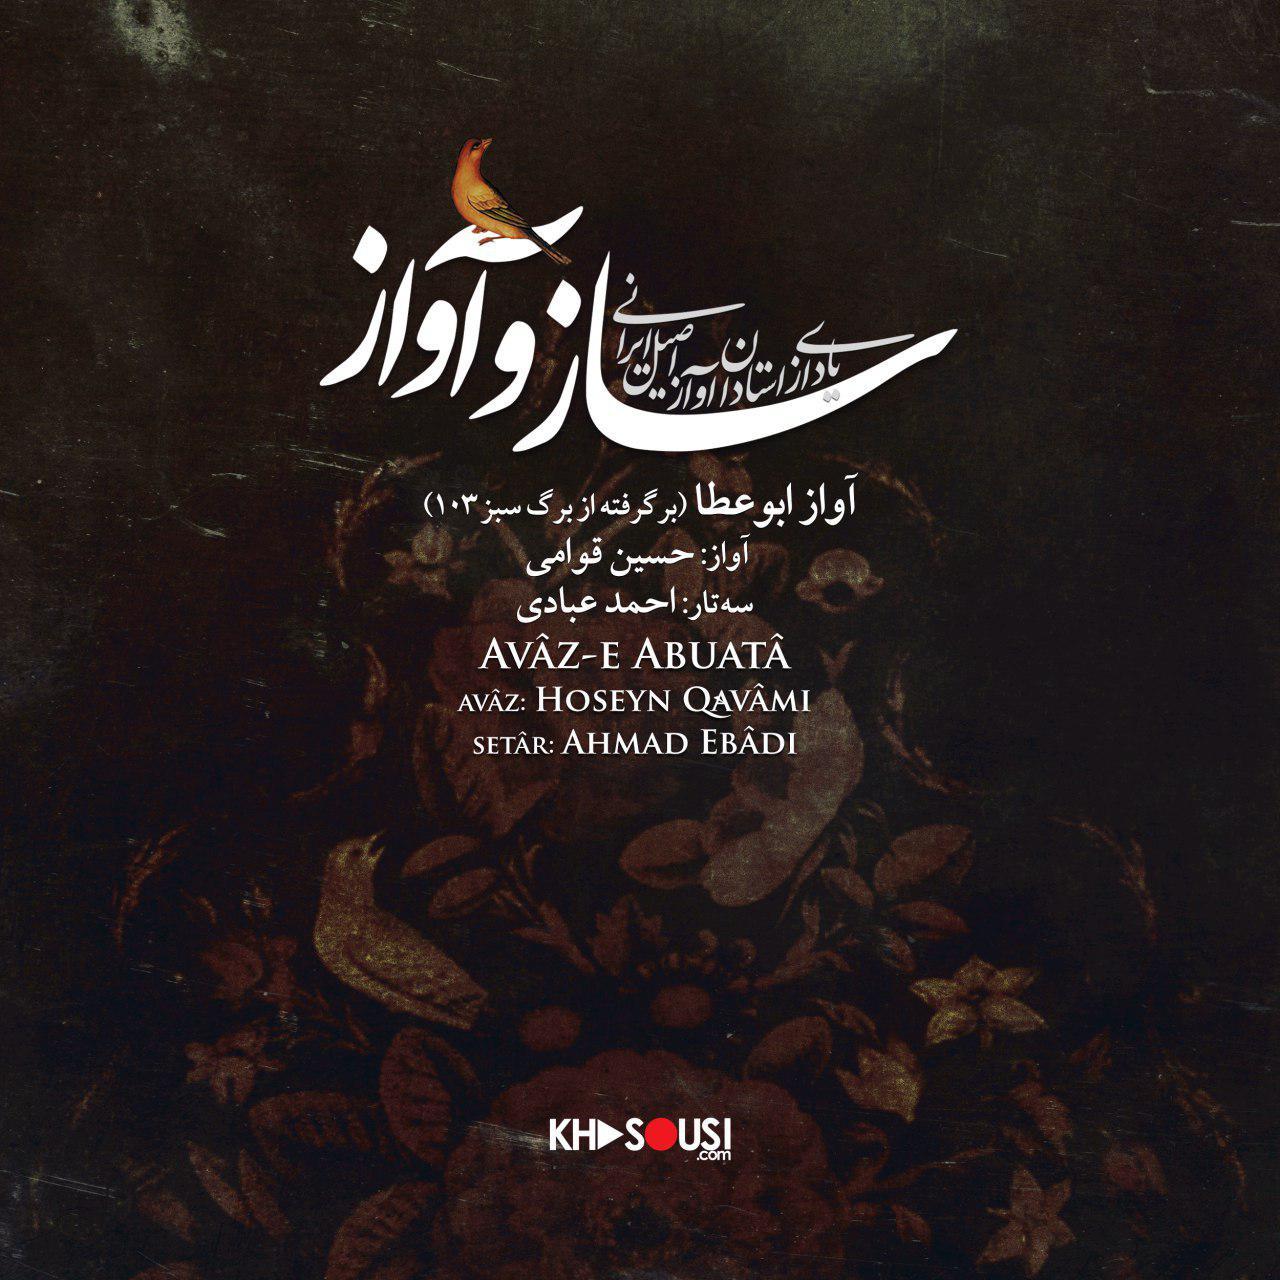 ساز و آواز – آواز ابوعطا از برگ سبز ۱۰۳ - حسین قوامی و احمد عبادی